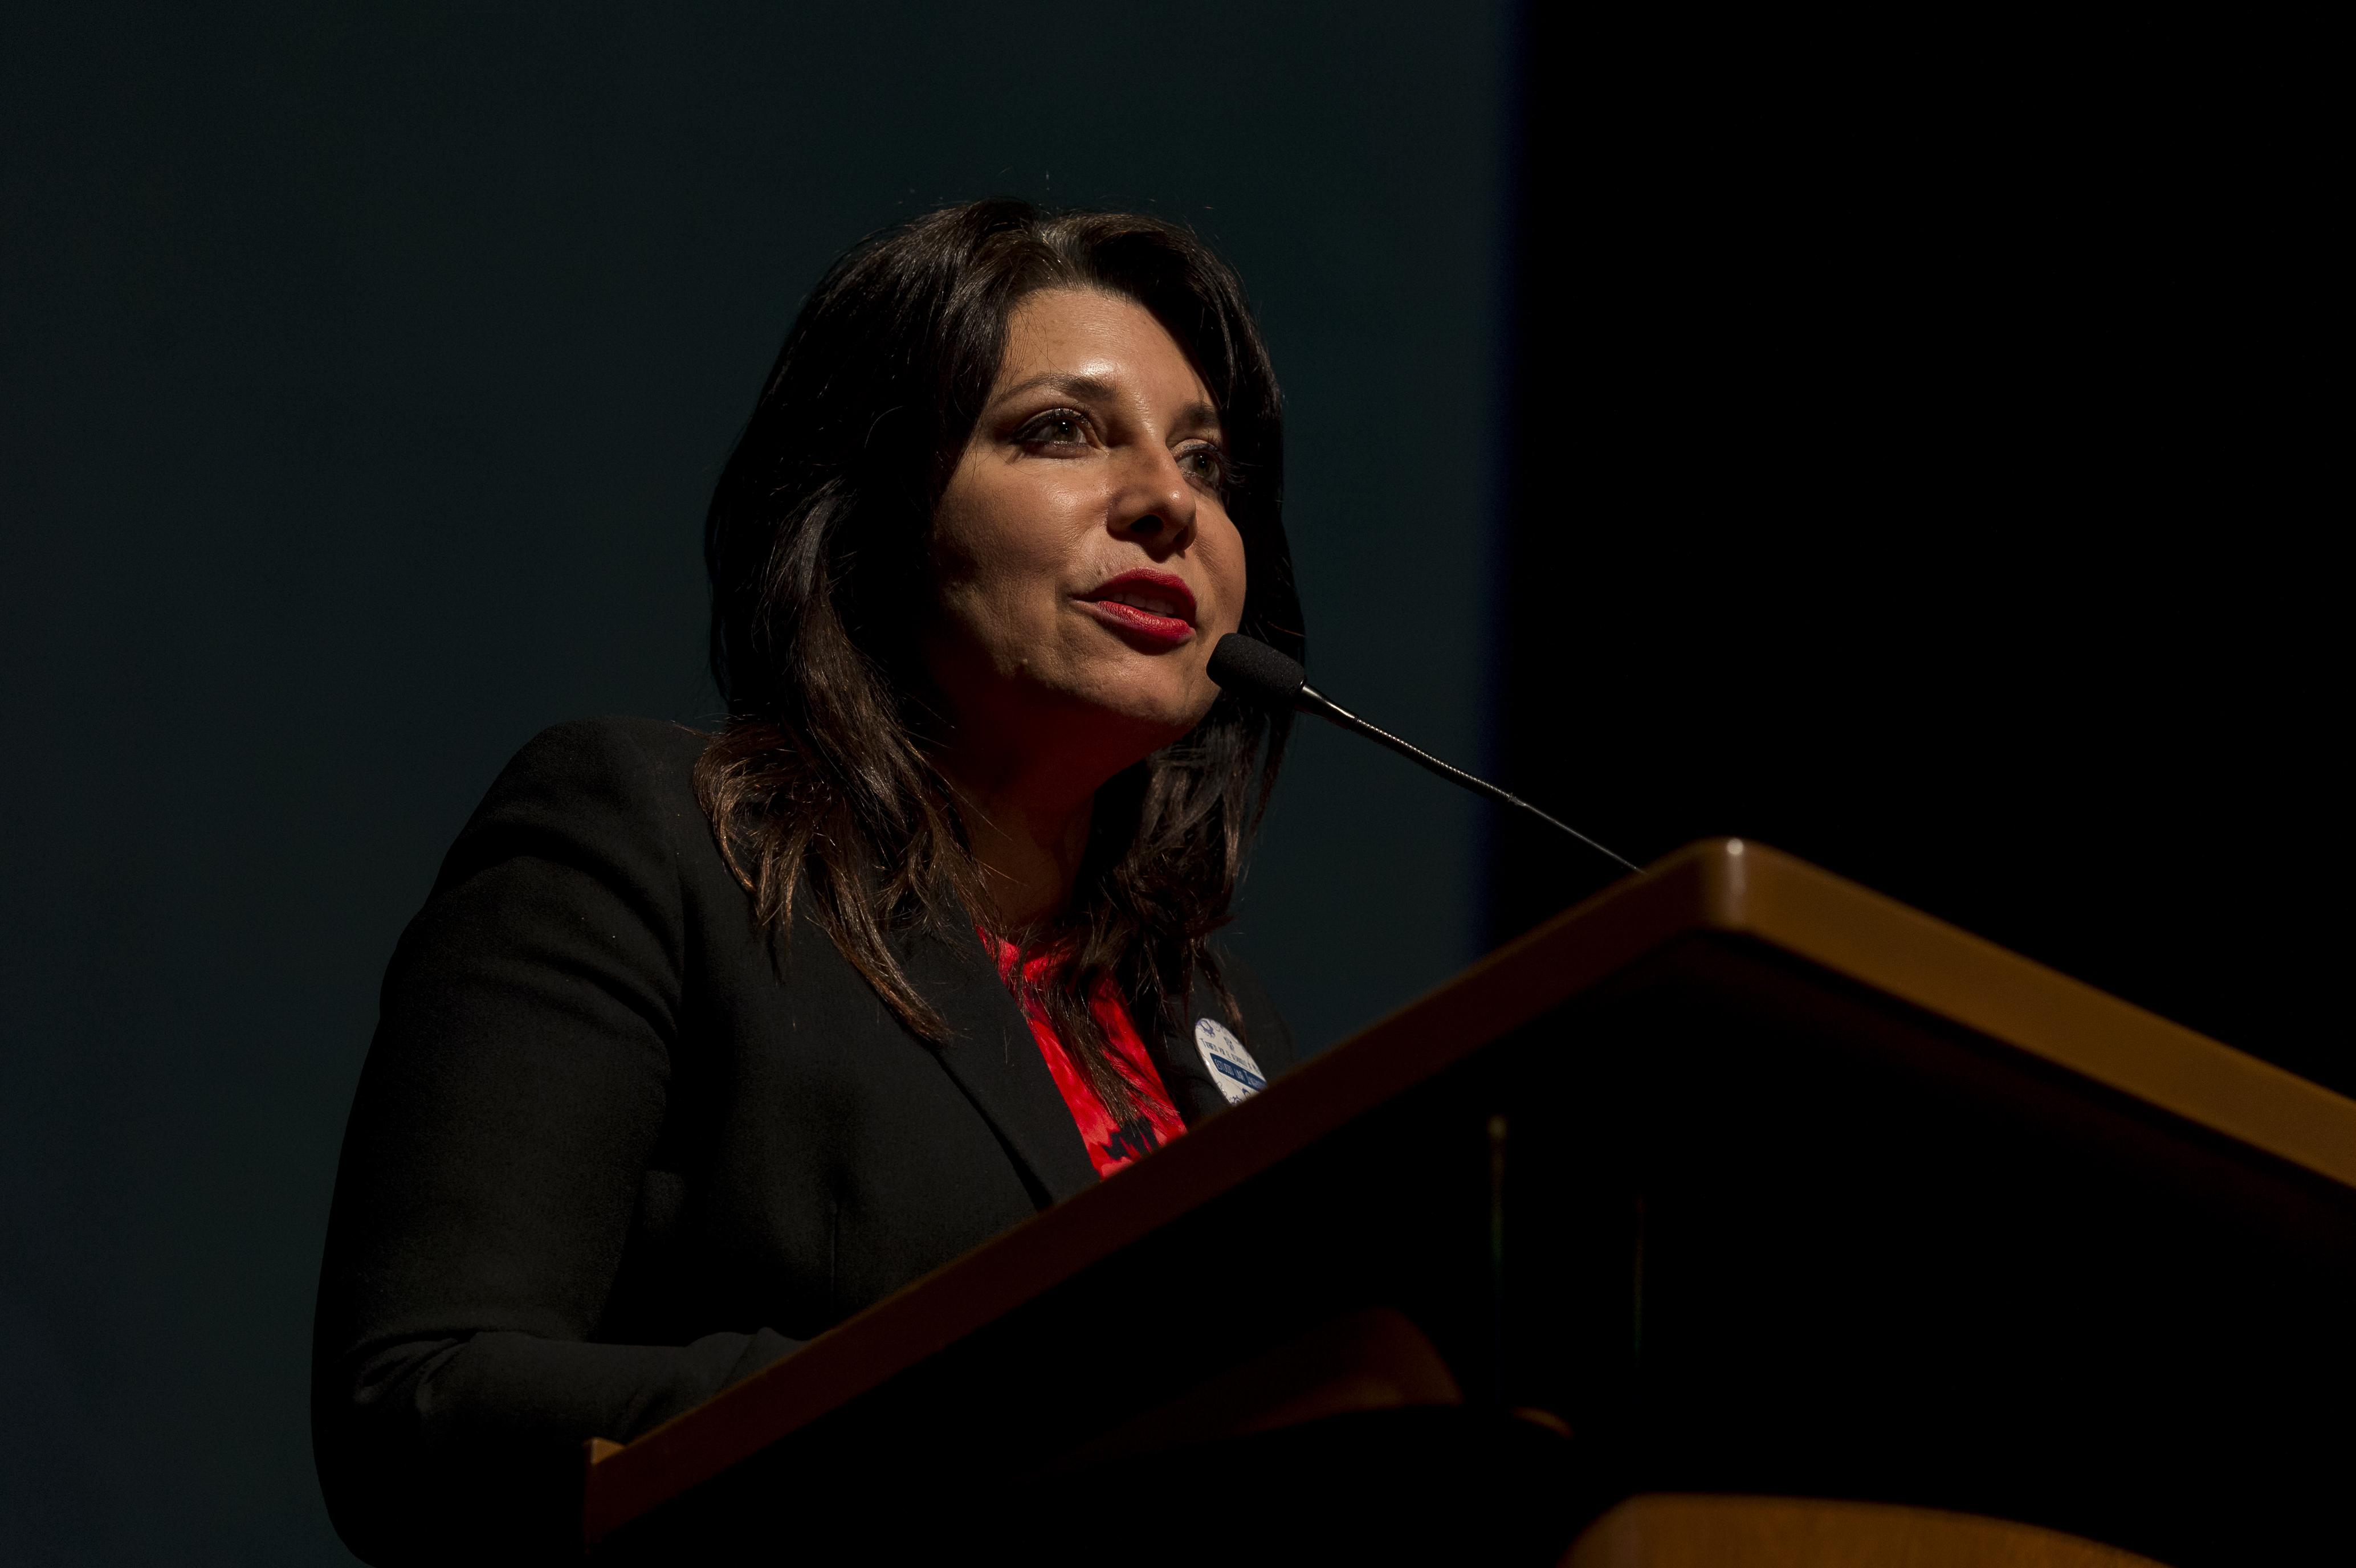 Doctora Carmen Rodríguez Armenta, titular de la Coordinación General Administrativa, de la Universidad de Guadalajara, en podium del Teatro Diana, haciendo uso de la palabra.